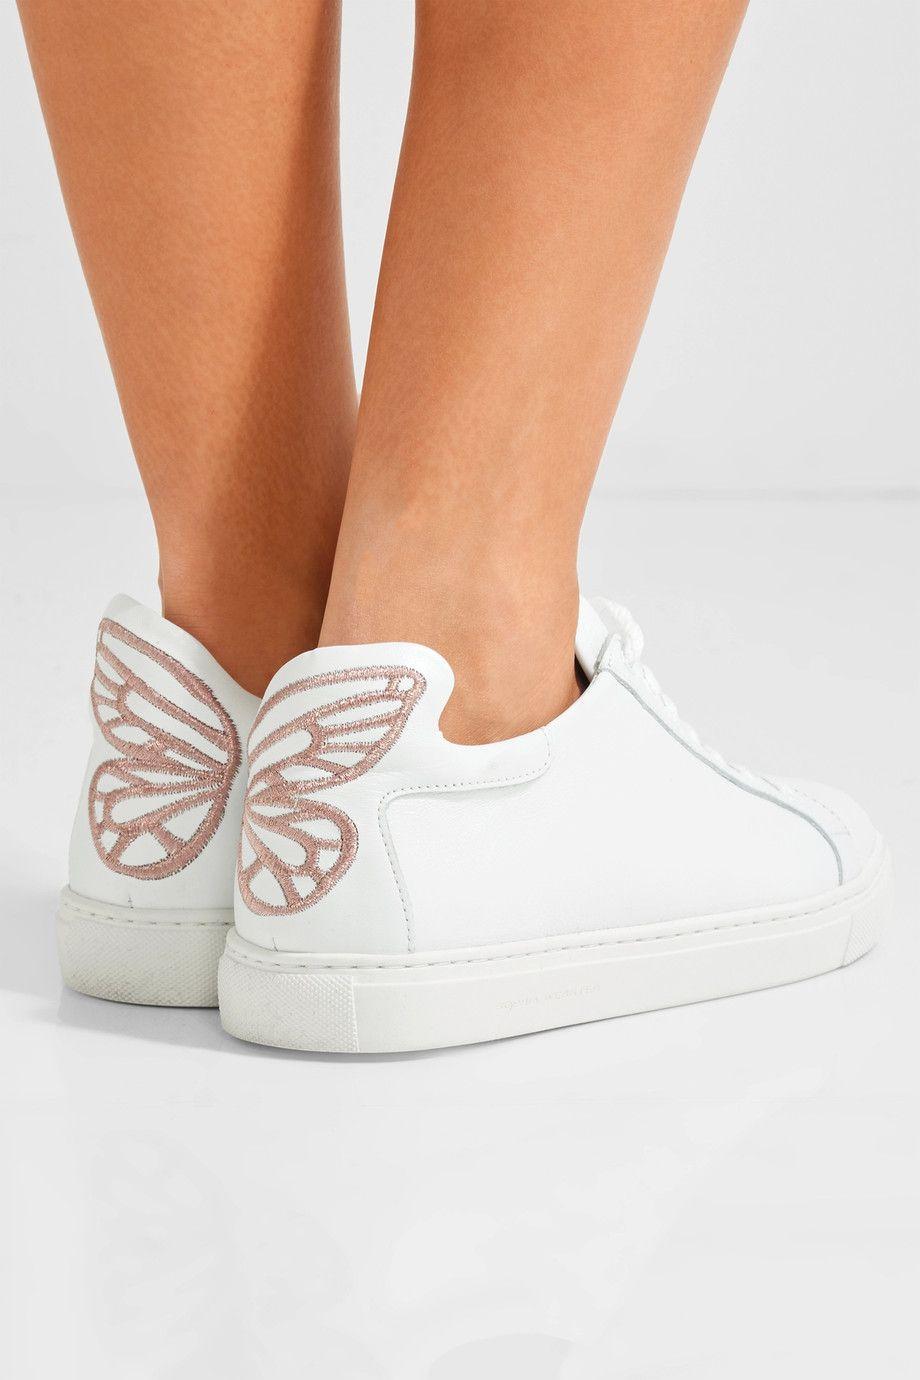 White Leather Bibi Sneakers Sophia Webster jjTa19OOIS